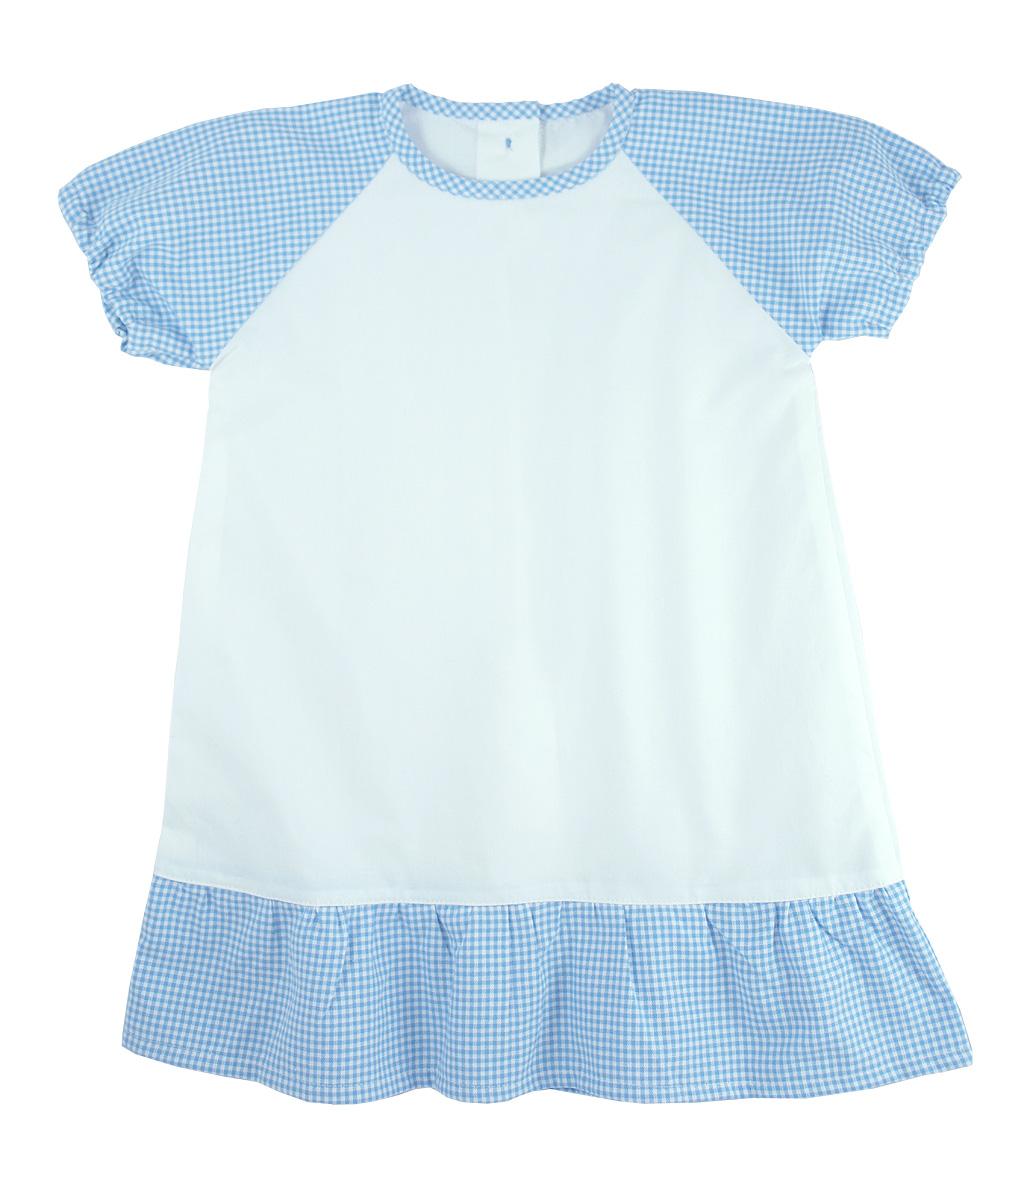 Minimundus klänning av 100% ekologisk bomull vit och blårutig